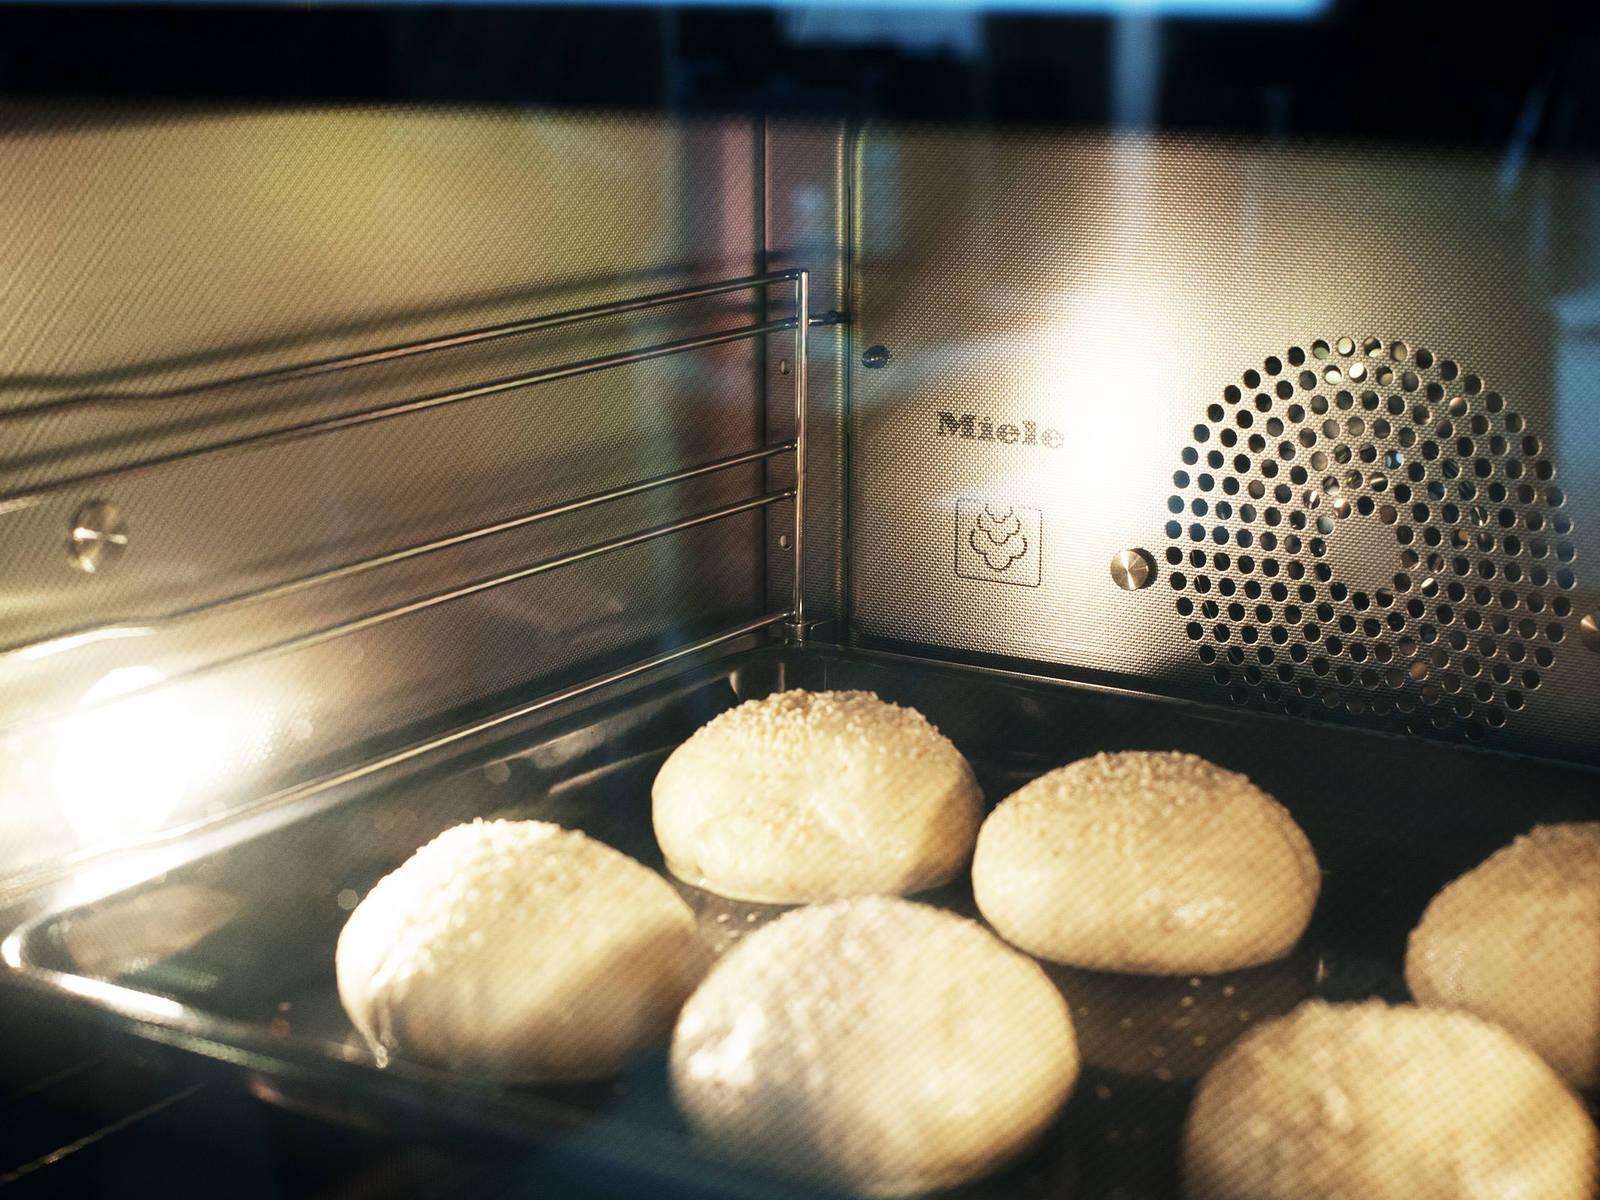 将剩余鸡蛋与牛奶混合,小心将混合物刷到面团上。撒上芝麻,用190度在对流功能中烘焙10-15分钟,直至面团呈金棕色。